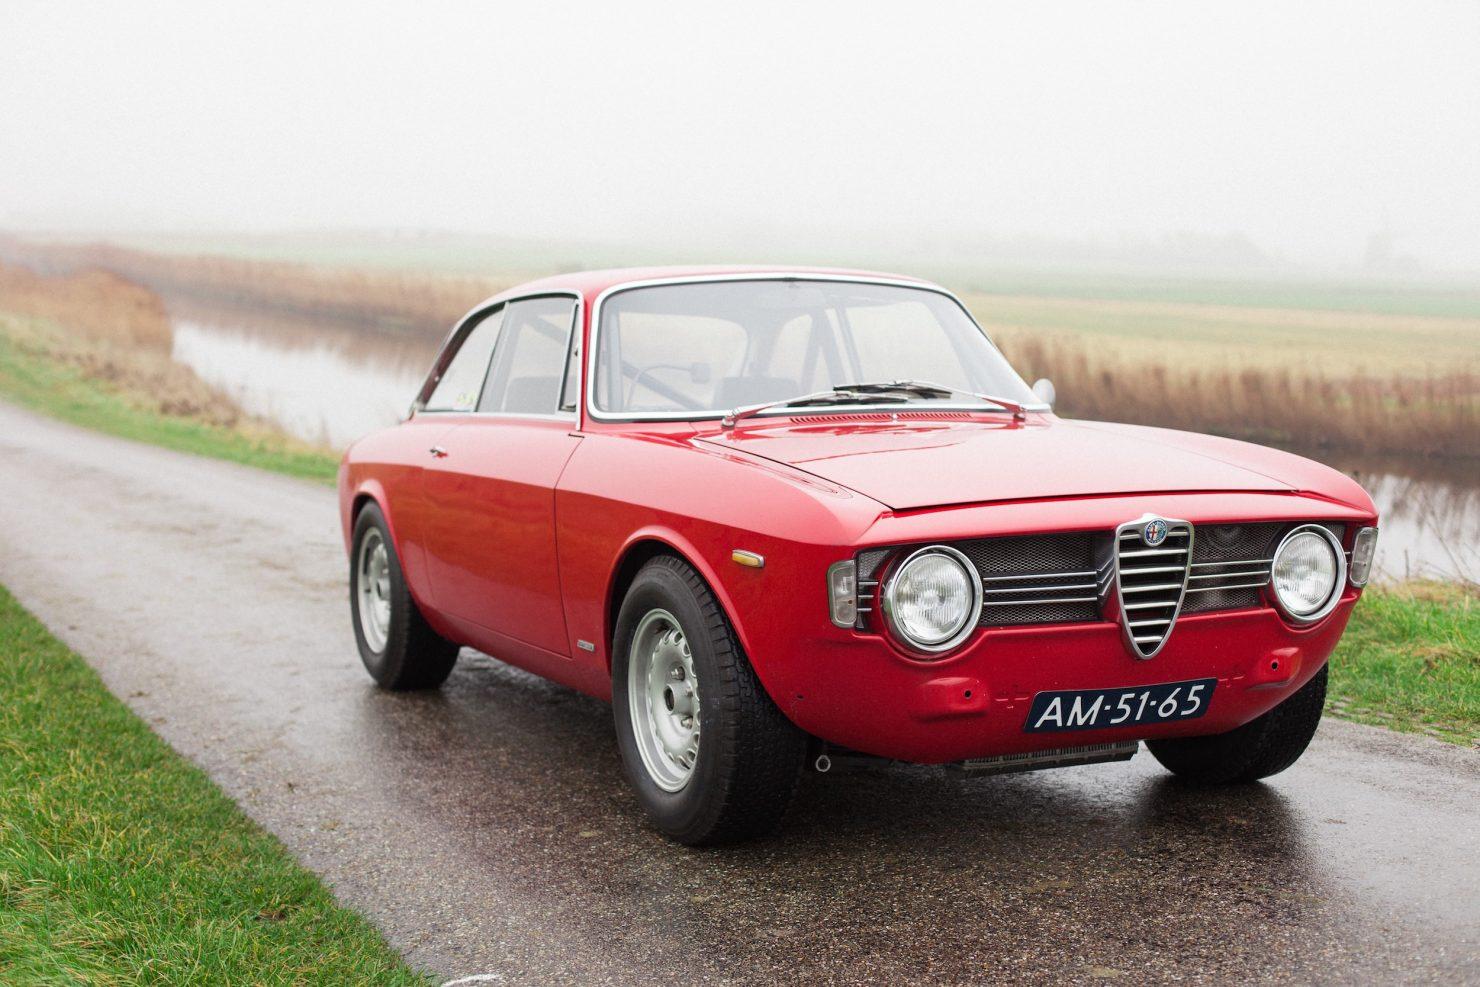 alfa romeo sprint gt veloce 4 1480x987 - 1967 Alfa Romeo Sprint GT Veloce